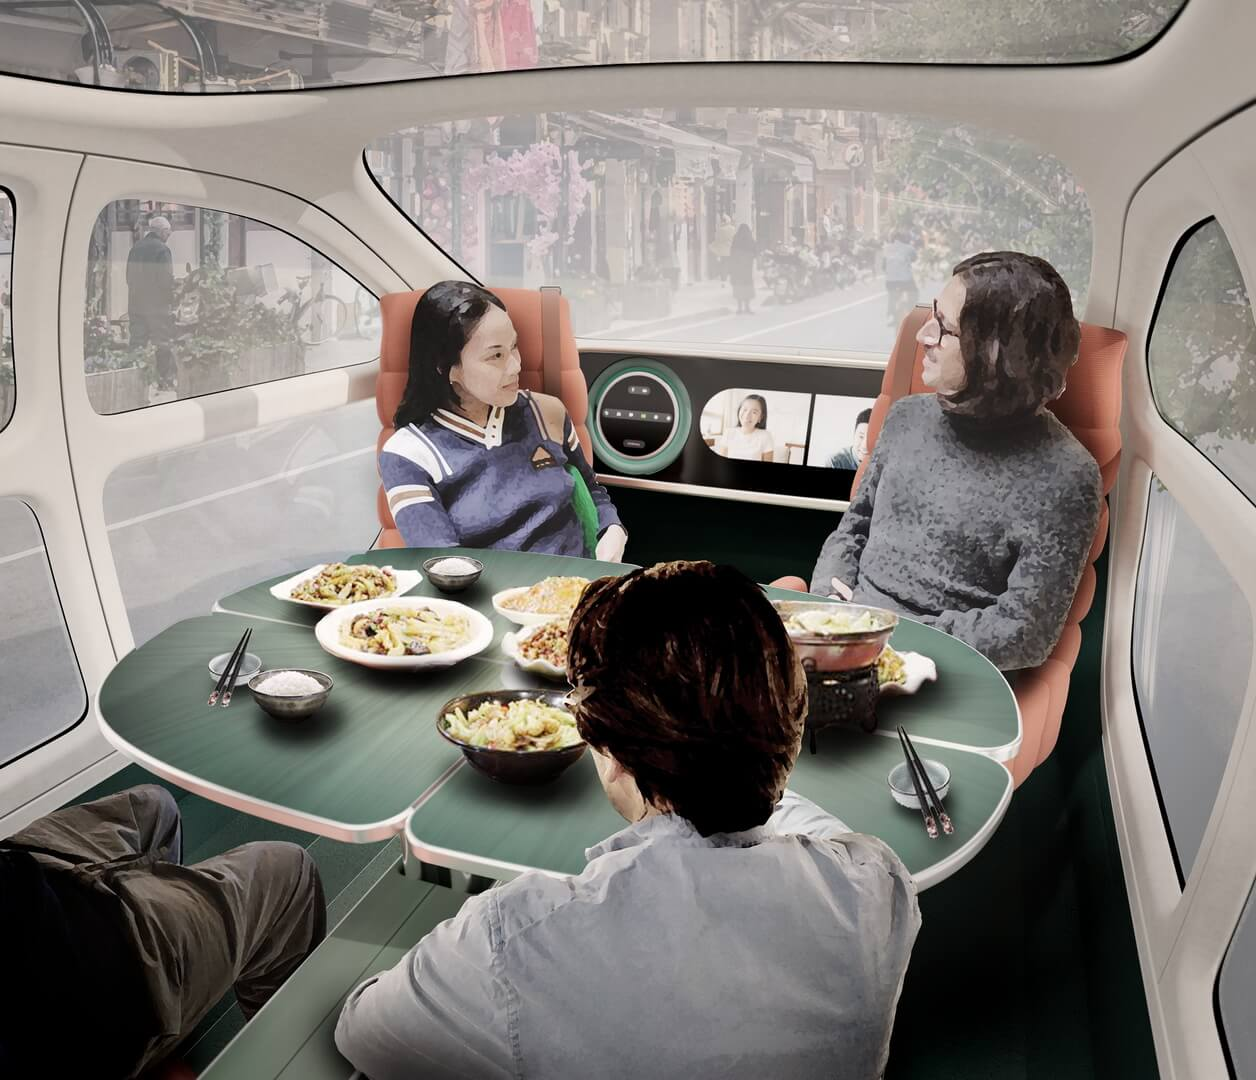 Автомобиль был разработан с гибким интерьером с вращающимися сиденьями, чтобы его можно было преобразовать в «многофункциональную комнату»